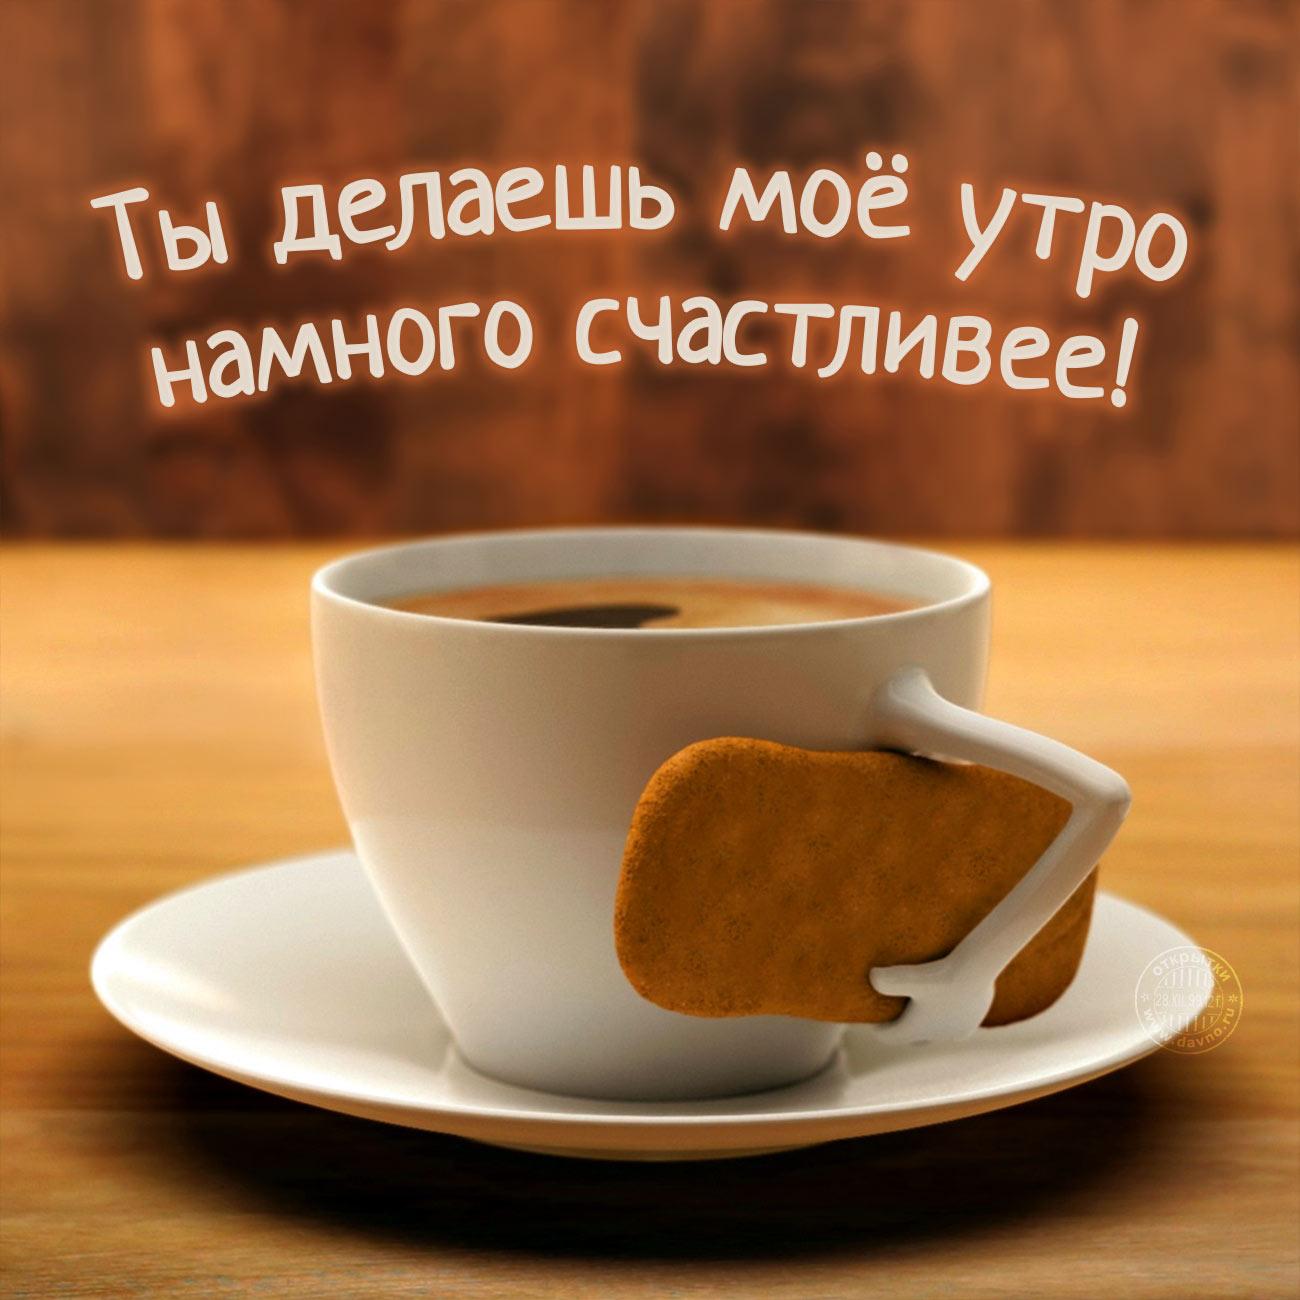 картинки с чашкой кофе и пожелания сняв маску, больше